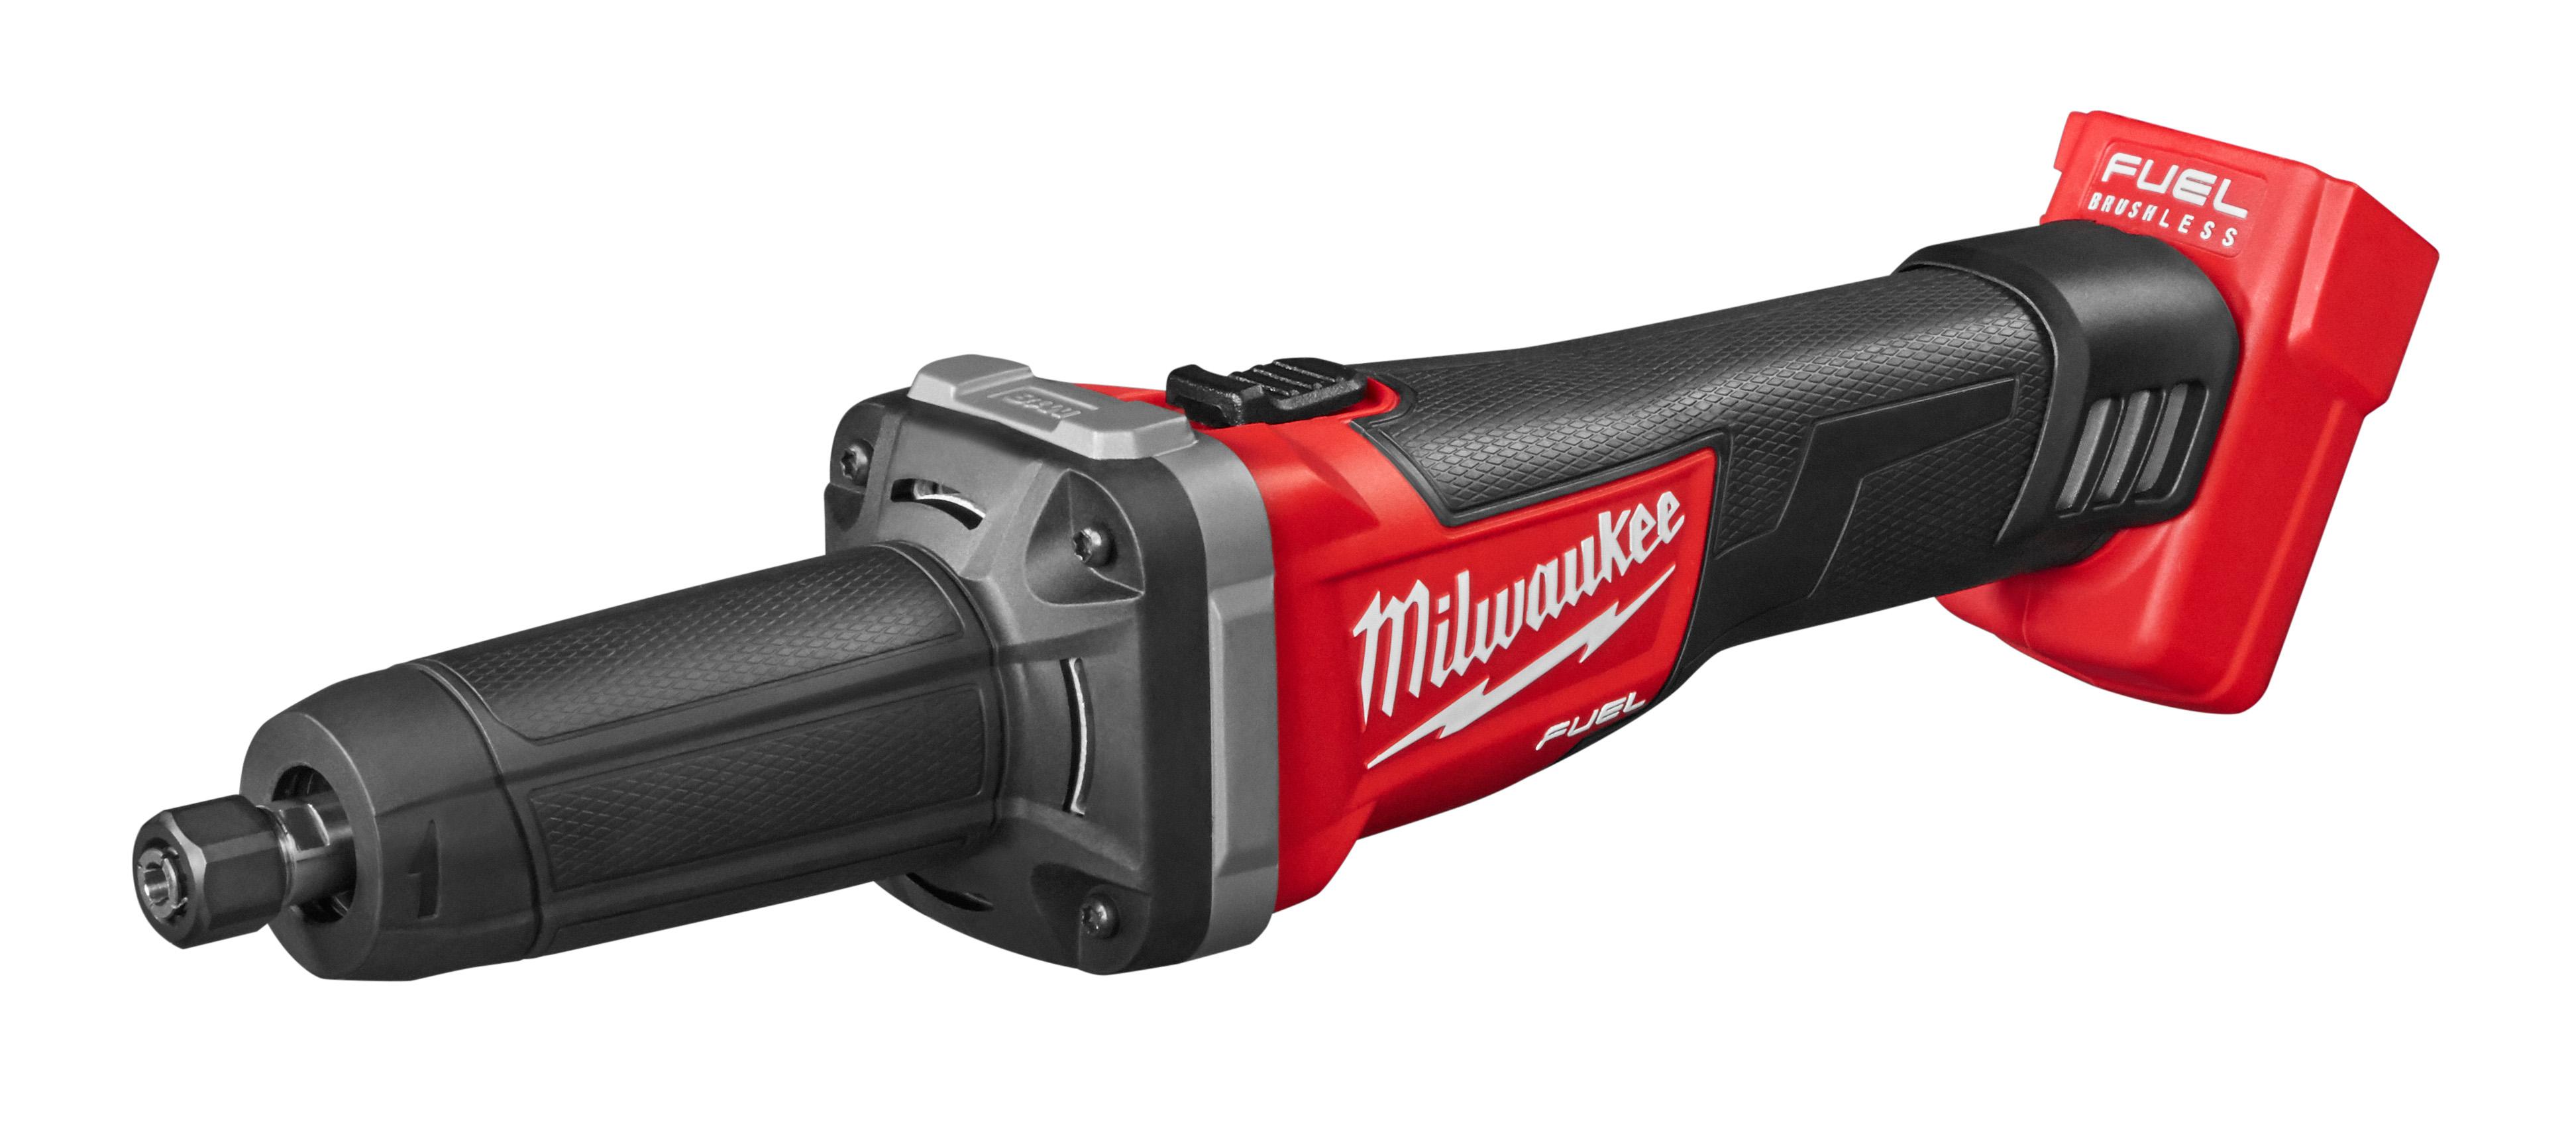 Milwaukee® M18™ FUEL™ 2784-20 Cordless Die Grinder, 18 VDC, 5 Ah REDLITHIUM™ Battery, Black/Red